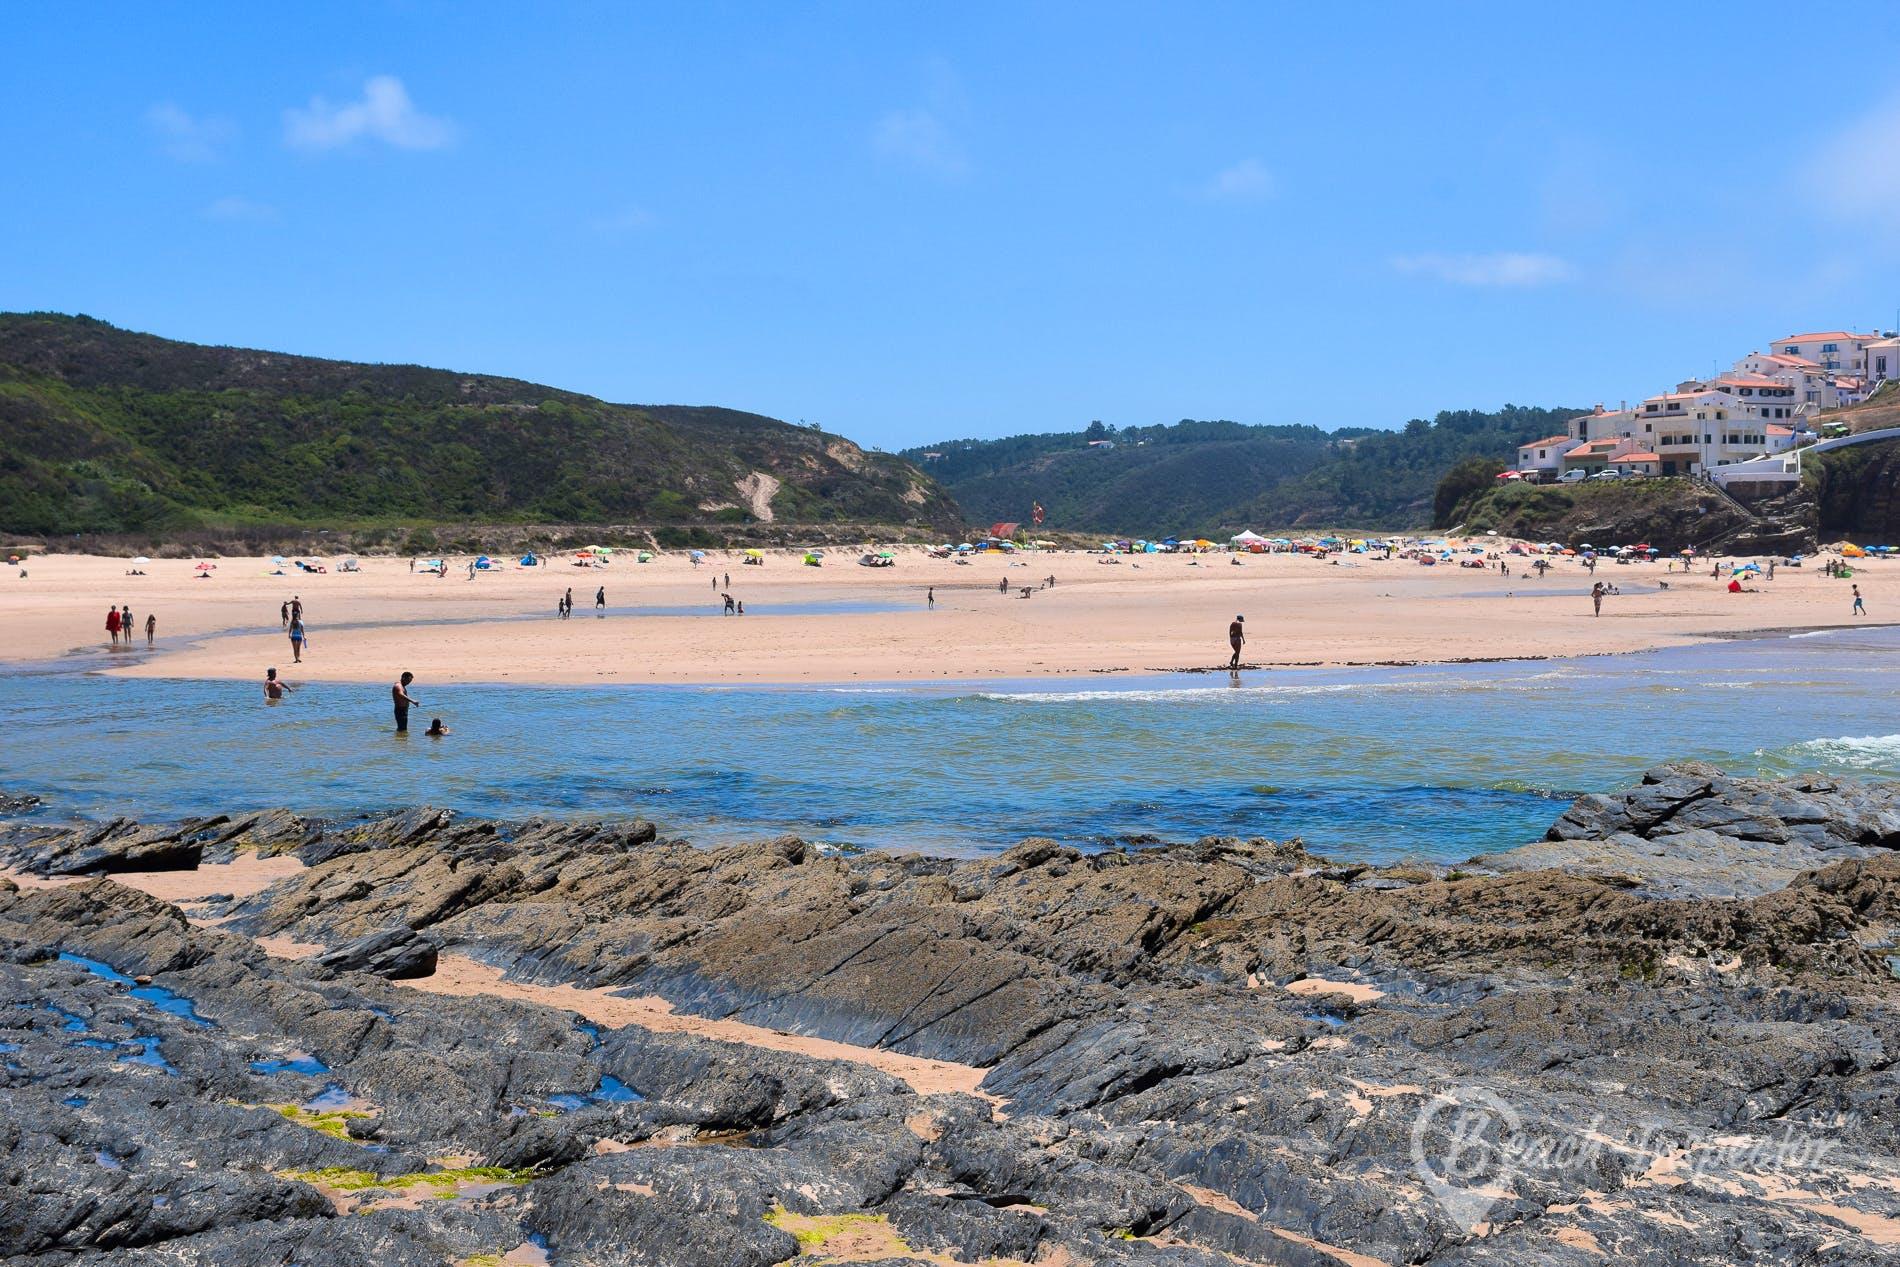 Strand Praia de Odeceixe, Algarve, Portugal